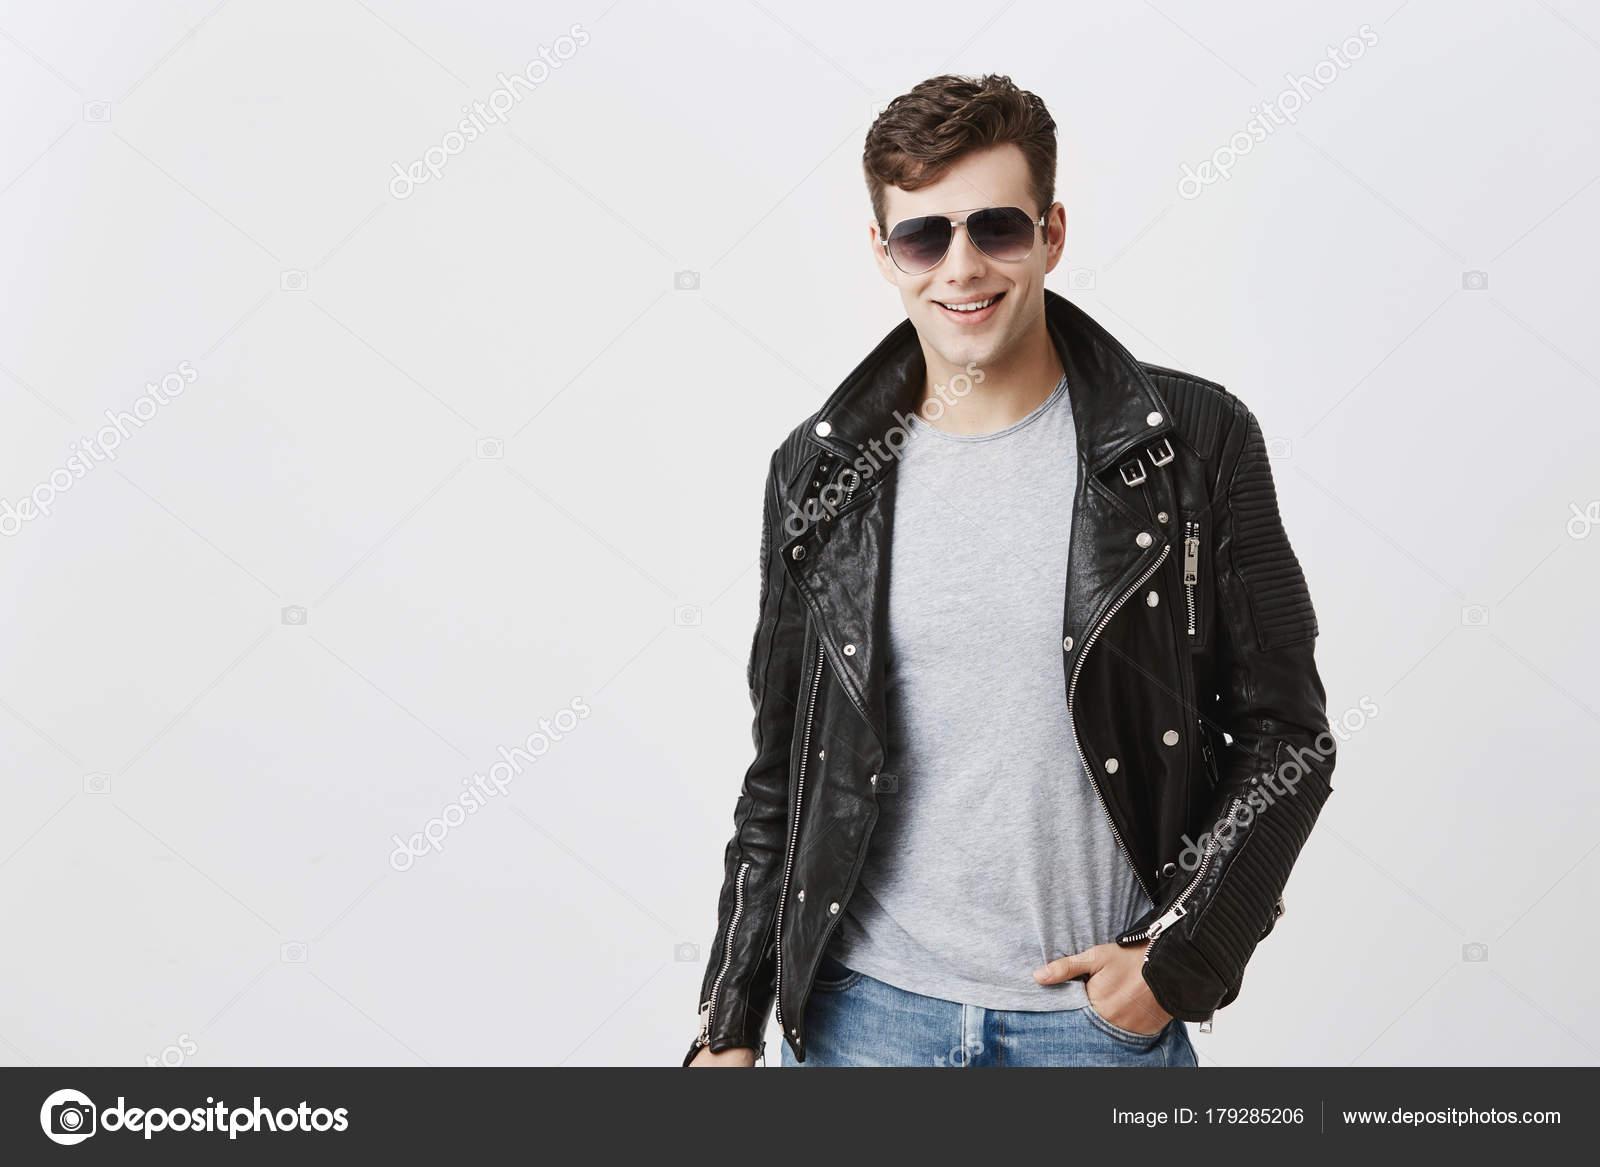 Atractivo Caucásico Amplia Hombre Con Una Sonrisa Aspecto gPwgt4S